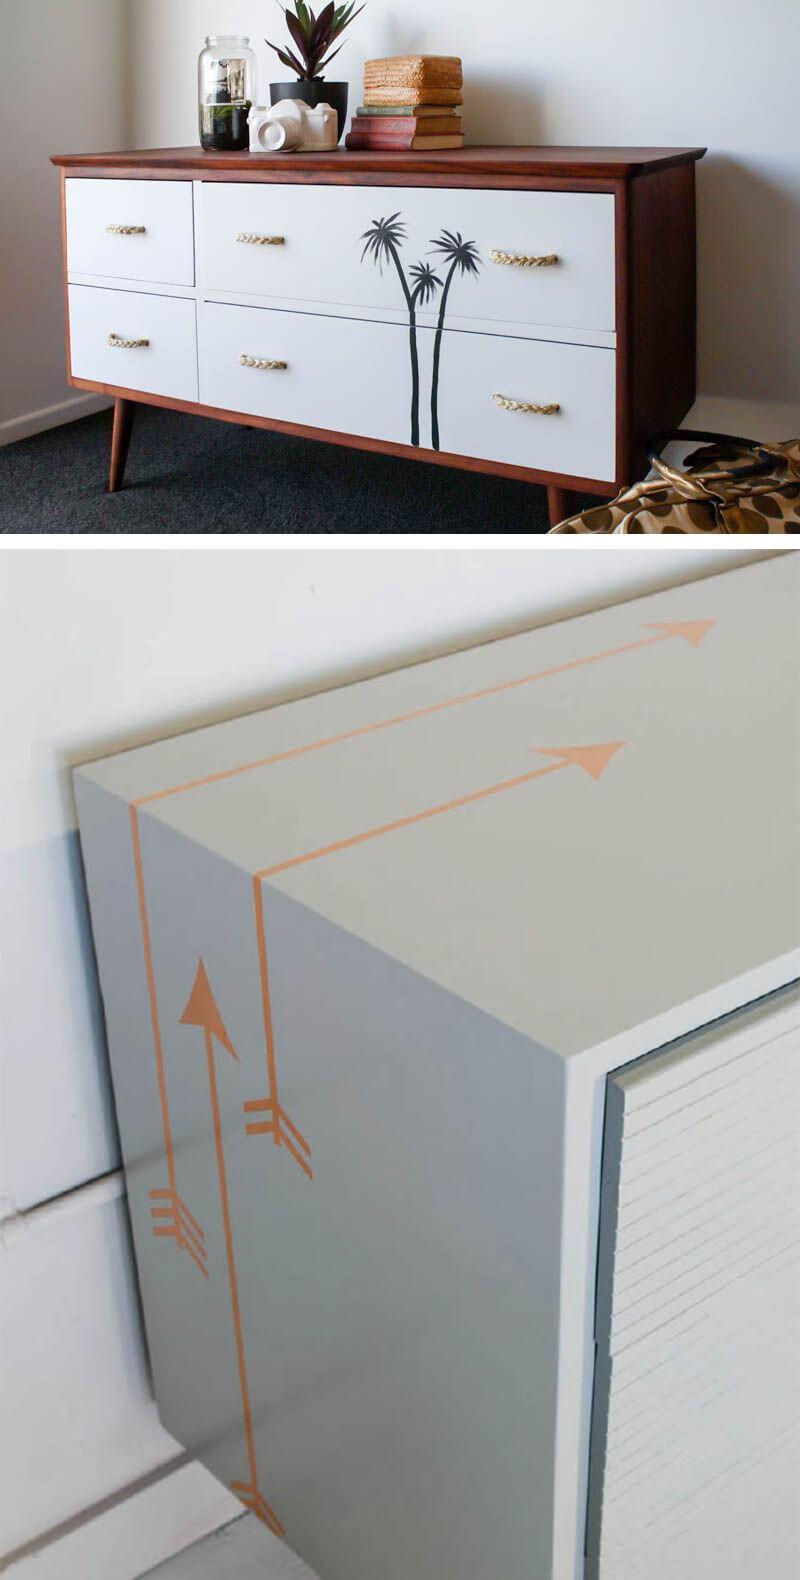 Decoracion De Muebles Pintados.Guia Practica Para Colocar Vinilo Adhesivo Sobre Muebles Pintados A